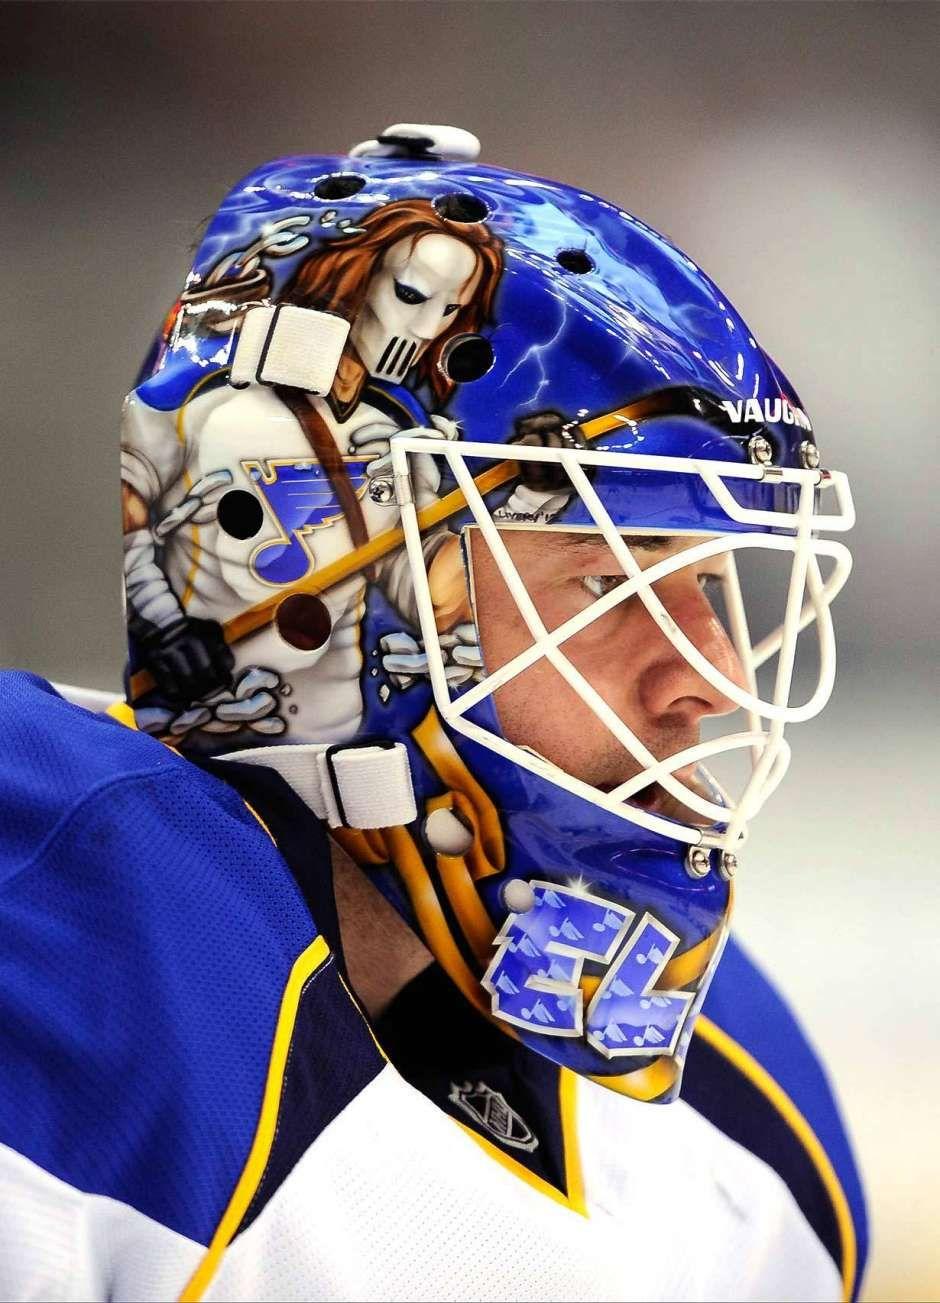 Best Goalie Masks Of 2013 Nhl Season Goalie Mask St Louis Blues Hockey Goalie